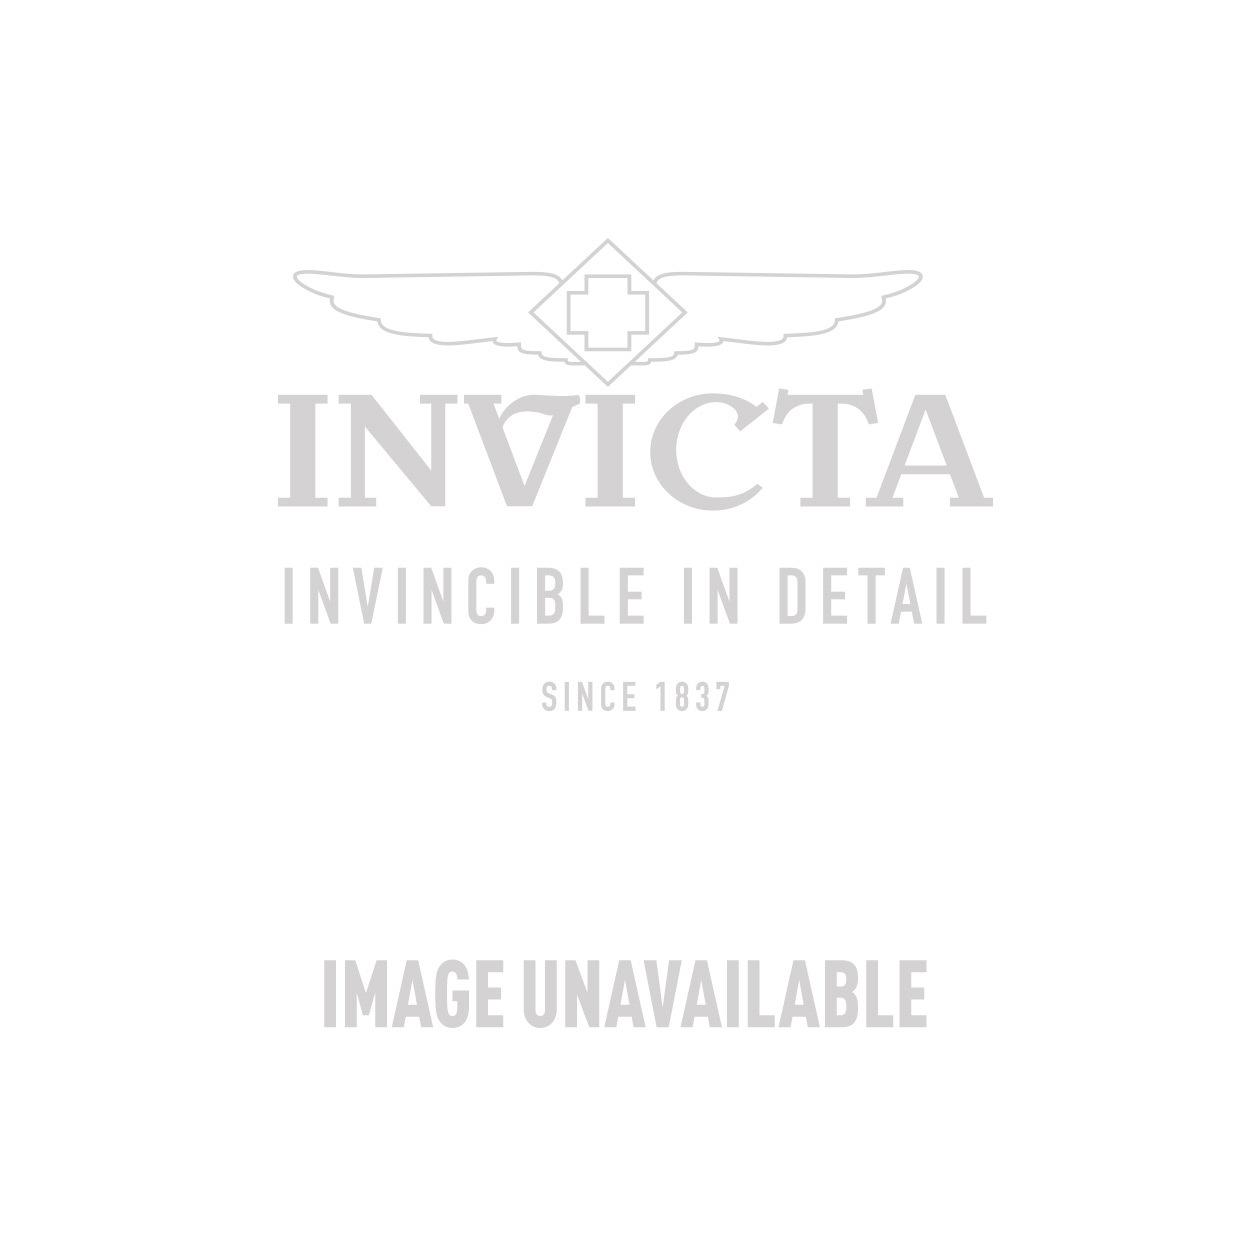 Invicta Model 28139